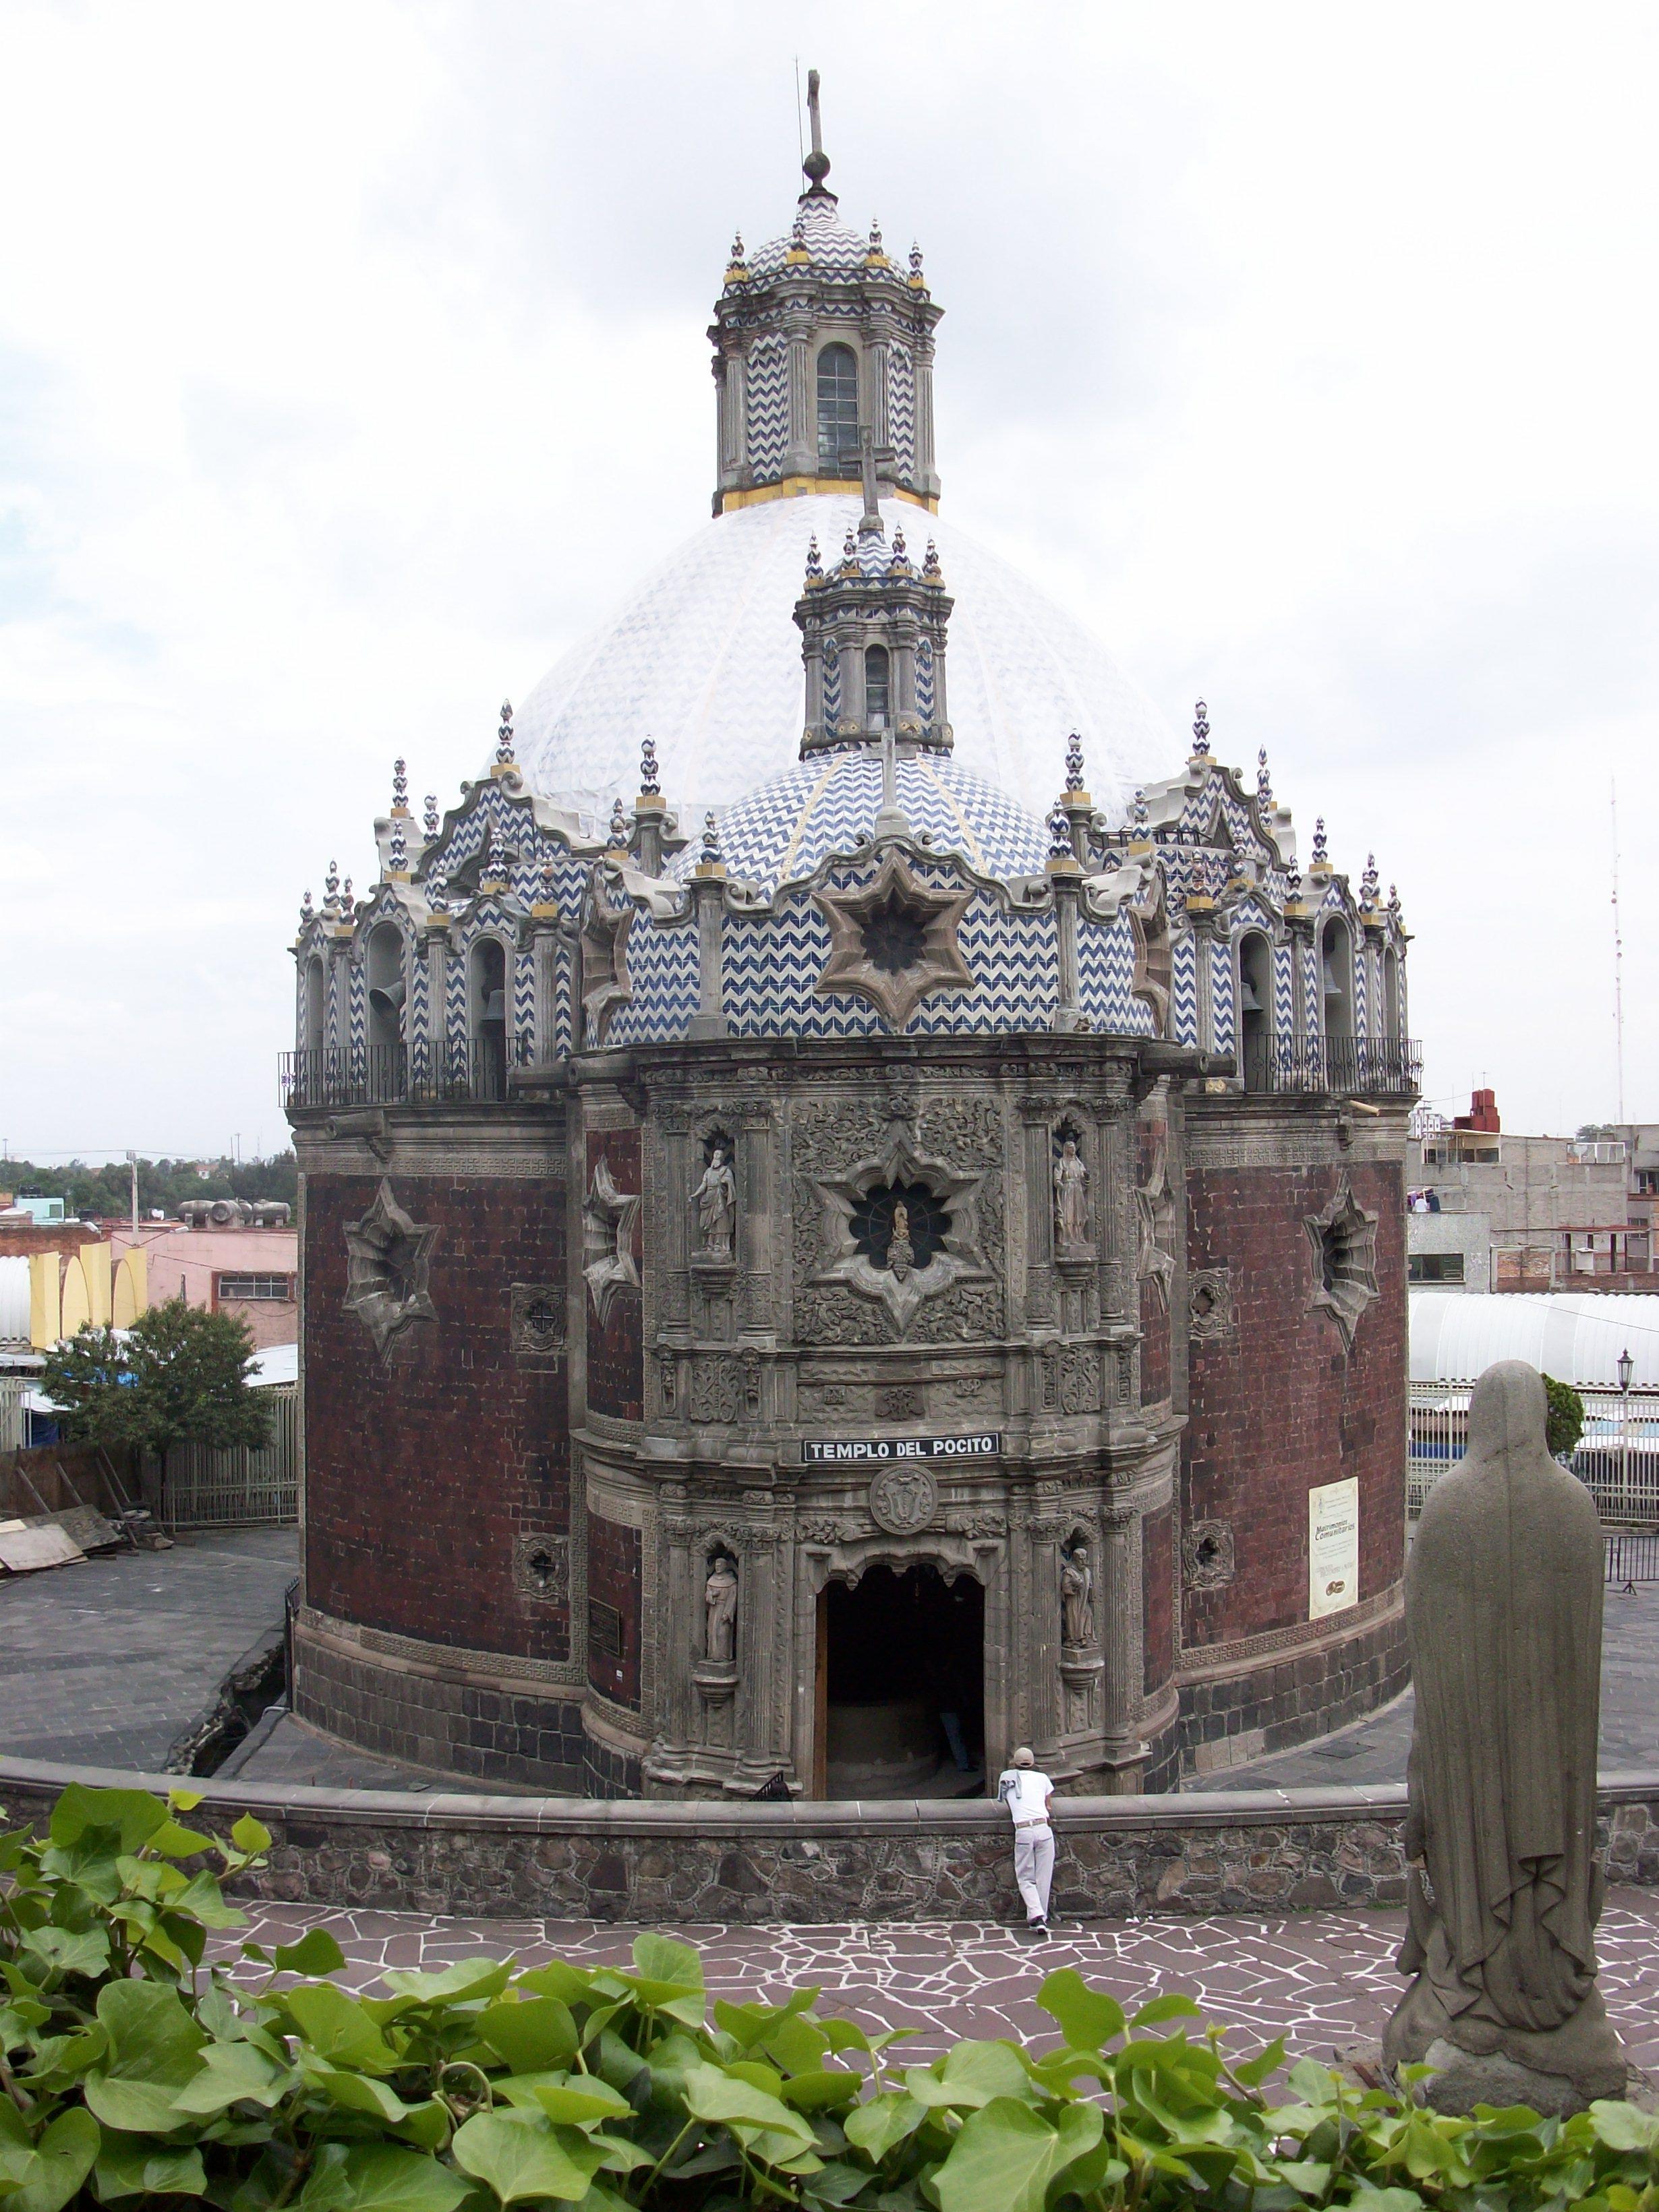 File:Capilla del Pocito 07.jpg - Wikimedia Commons